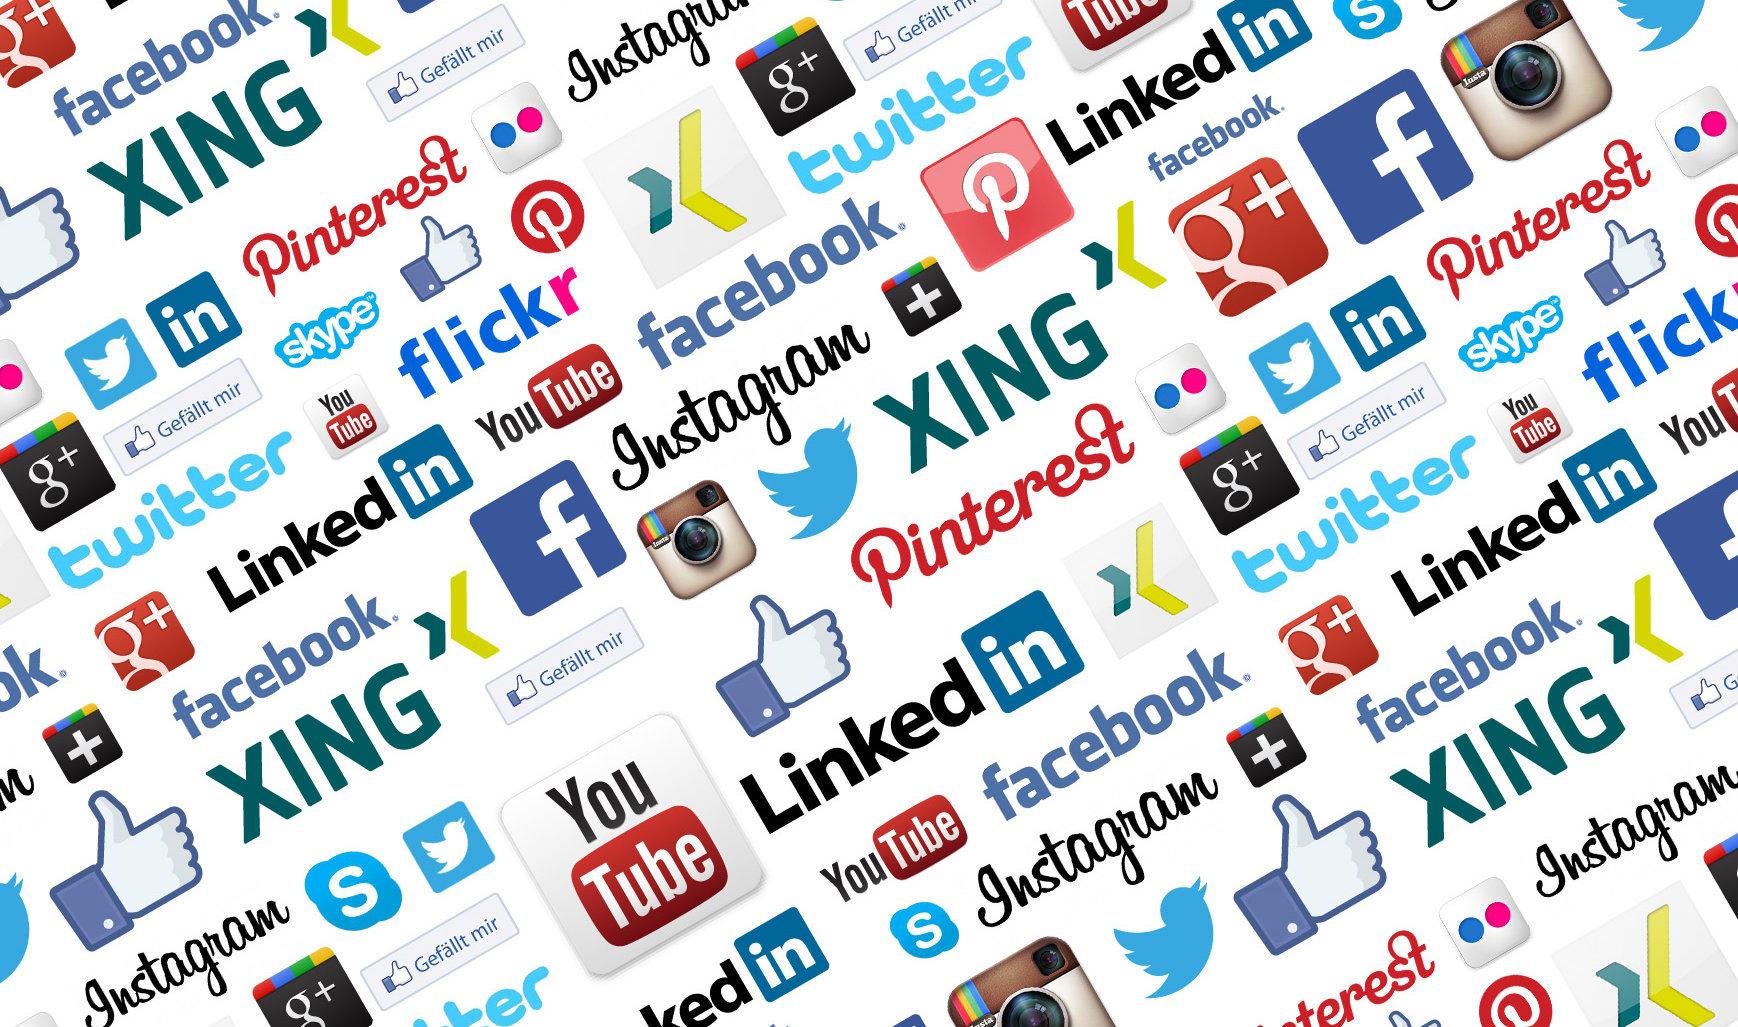 İnternet Terimlerinin Türkçeleştirilmesi